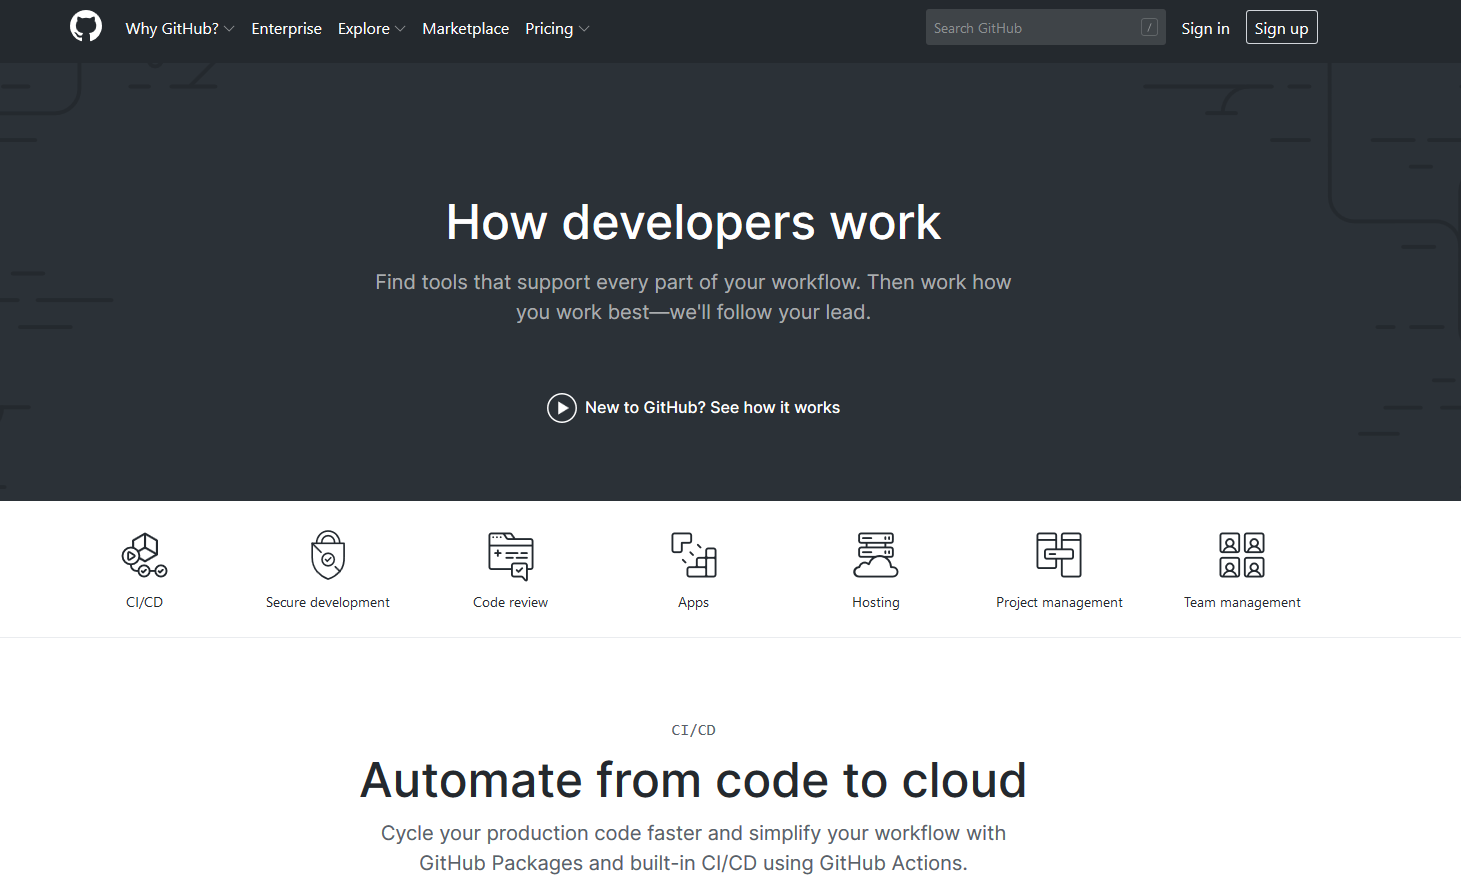 Github Developer Workflow